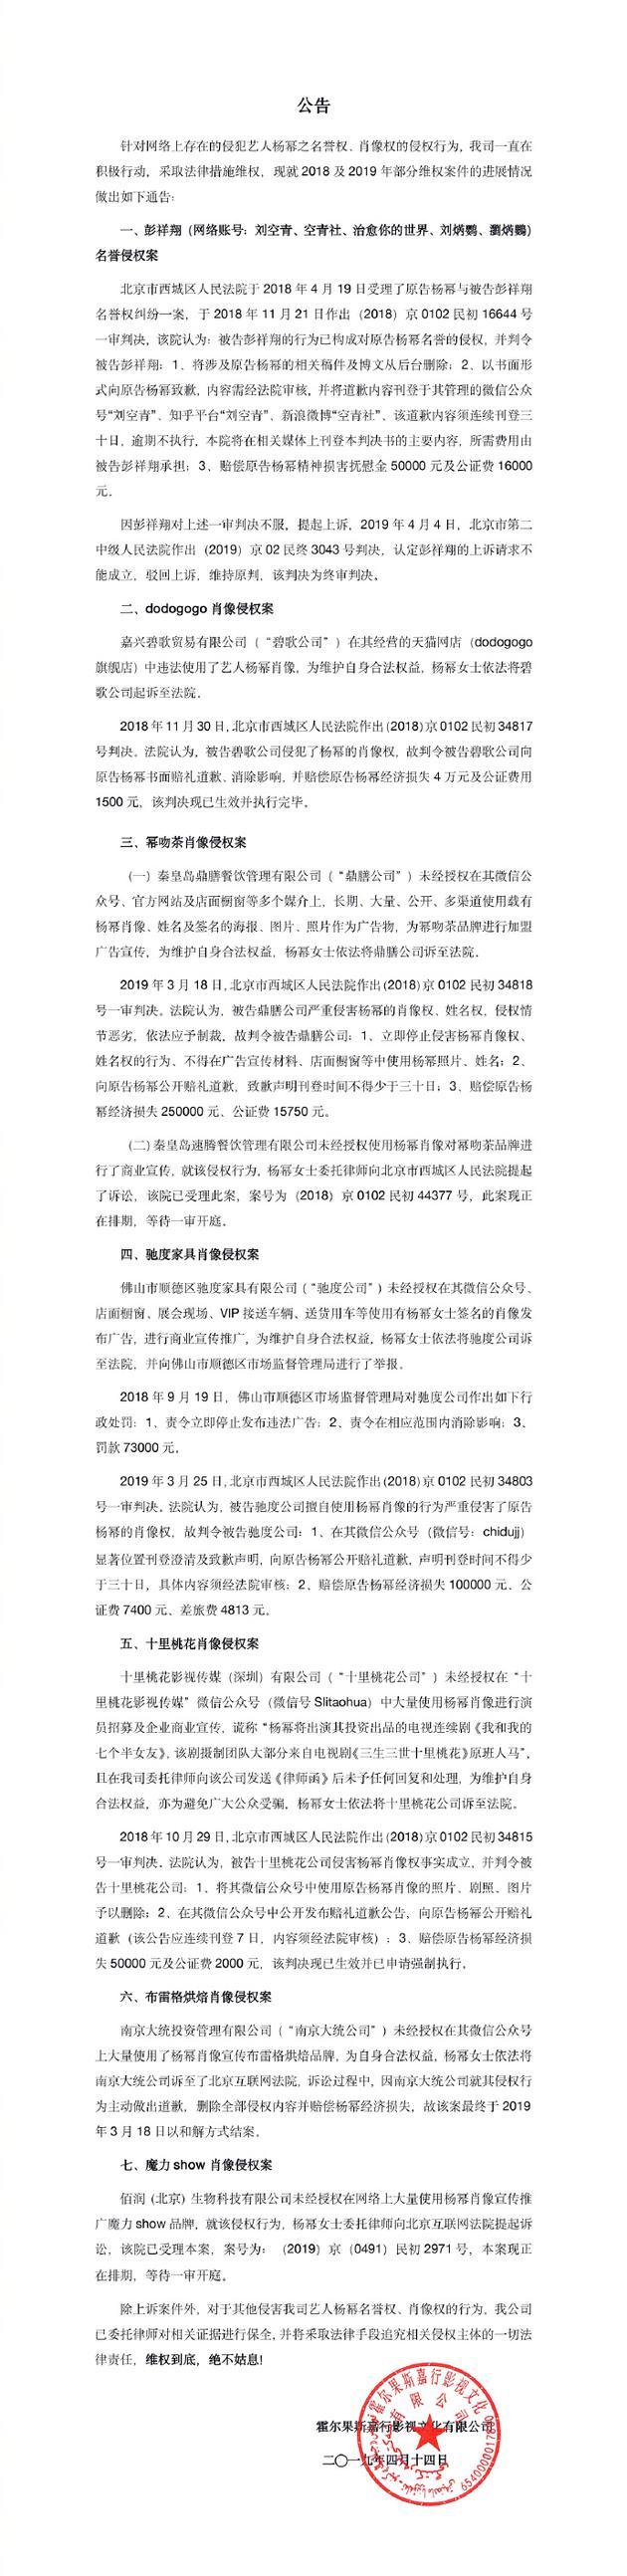 杨幂做事室发布维权公告